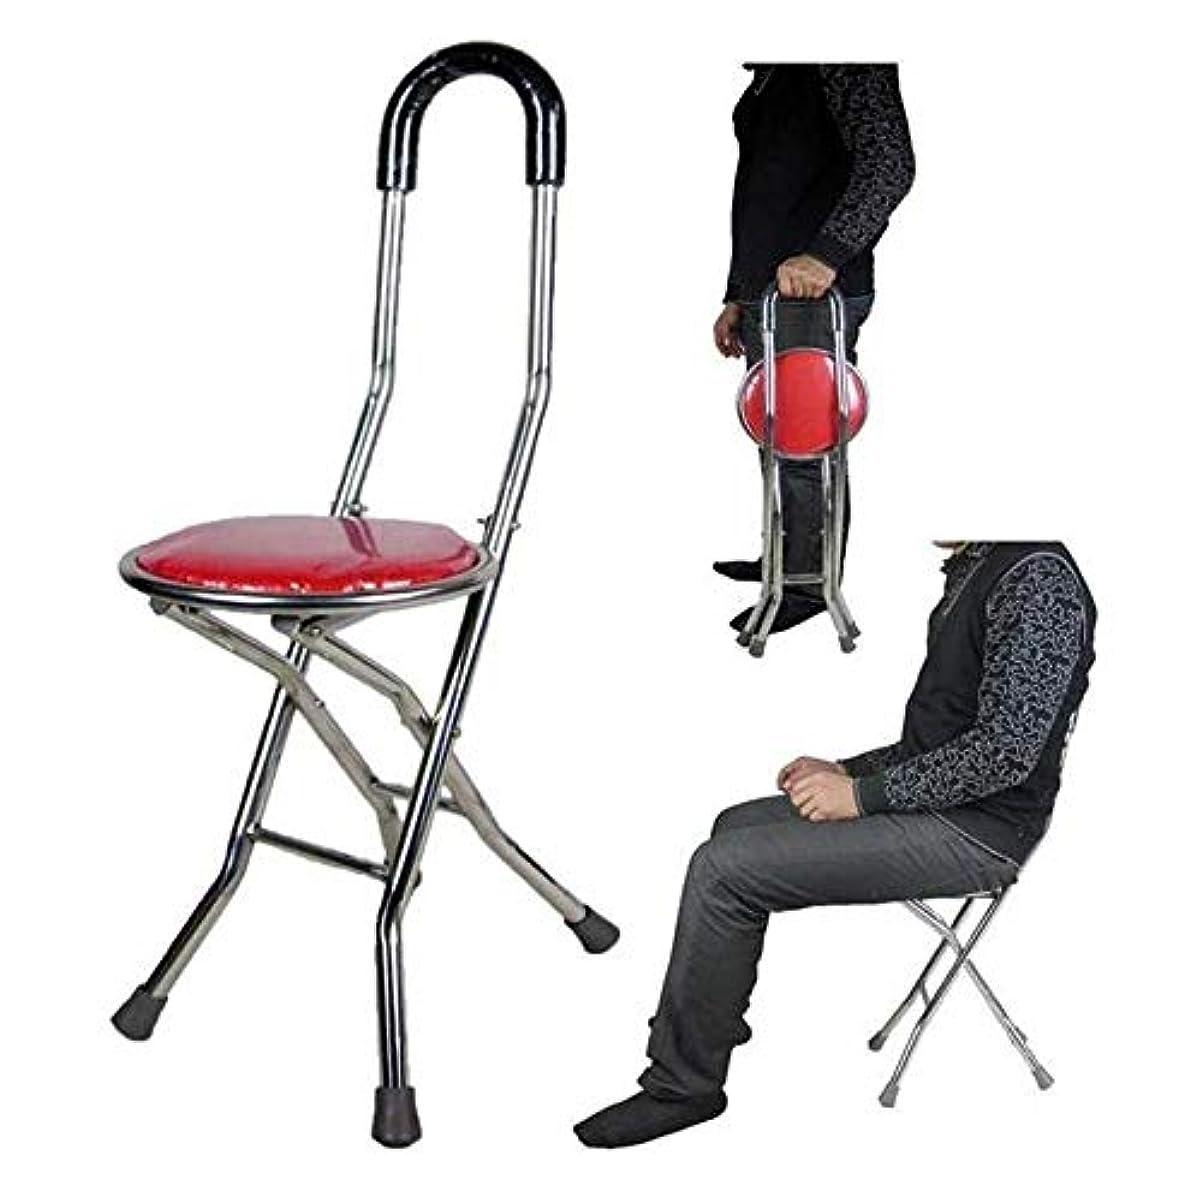 行く厳ヘビシート付きウォーキングスティック、屋外老人杖スツールチェア4フィート折りたたみ多機能シートシート付きポータブル松葉杖